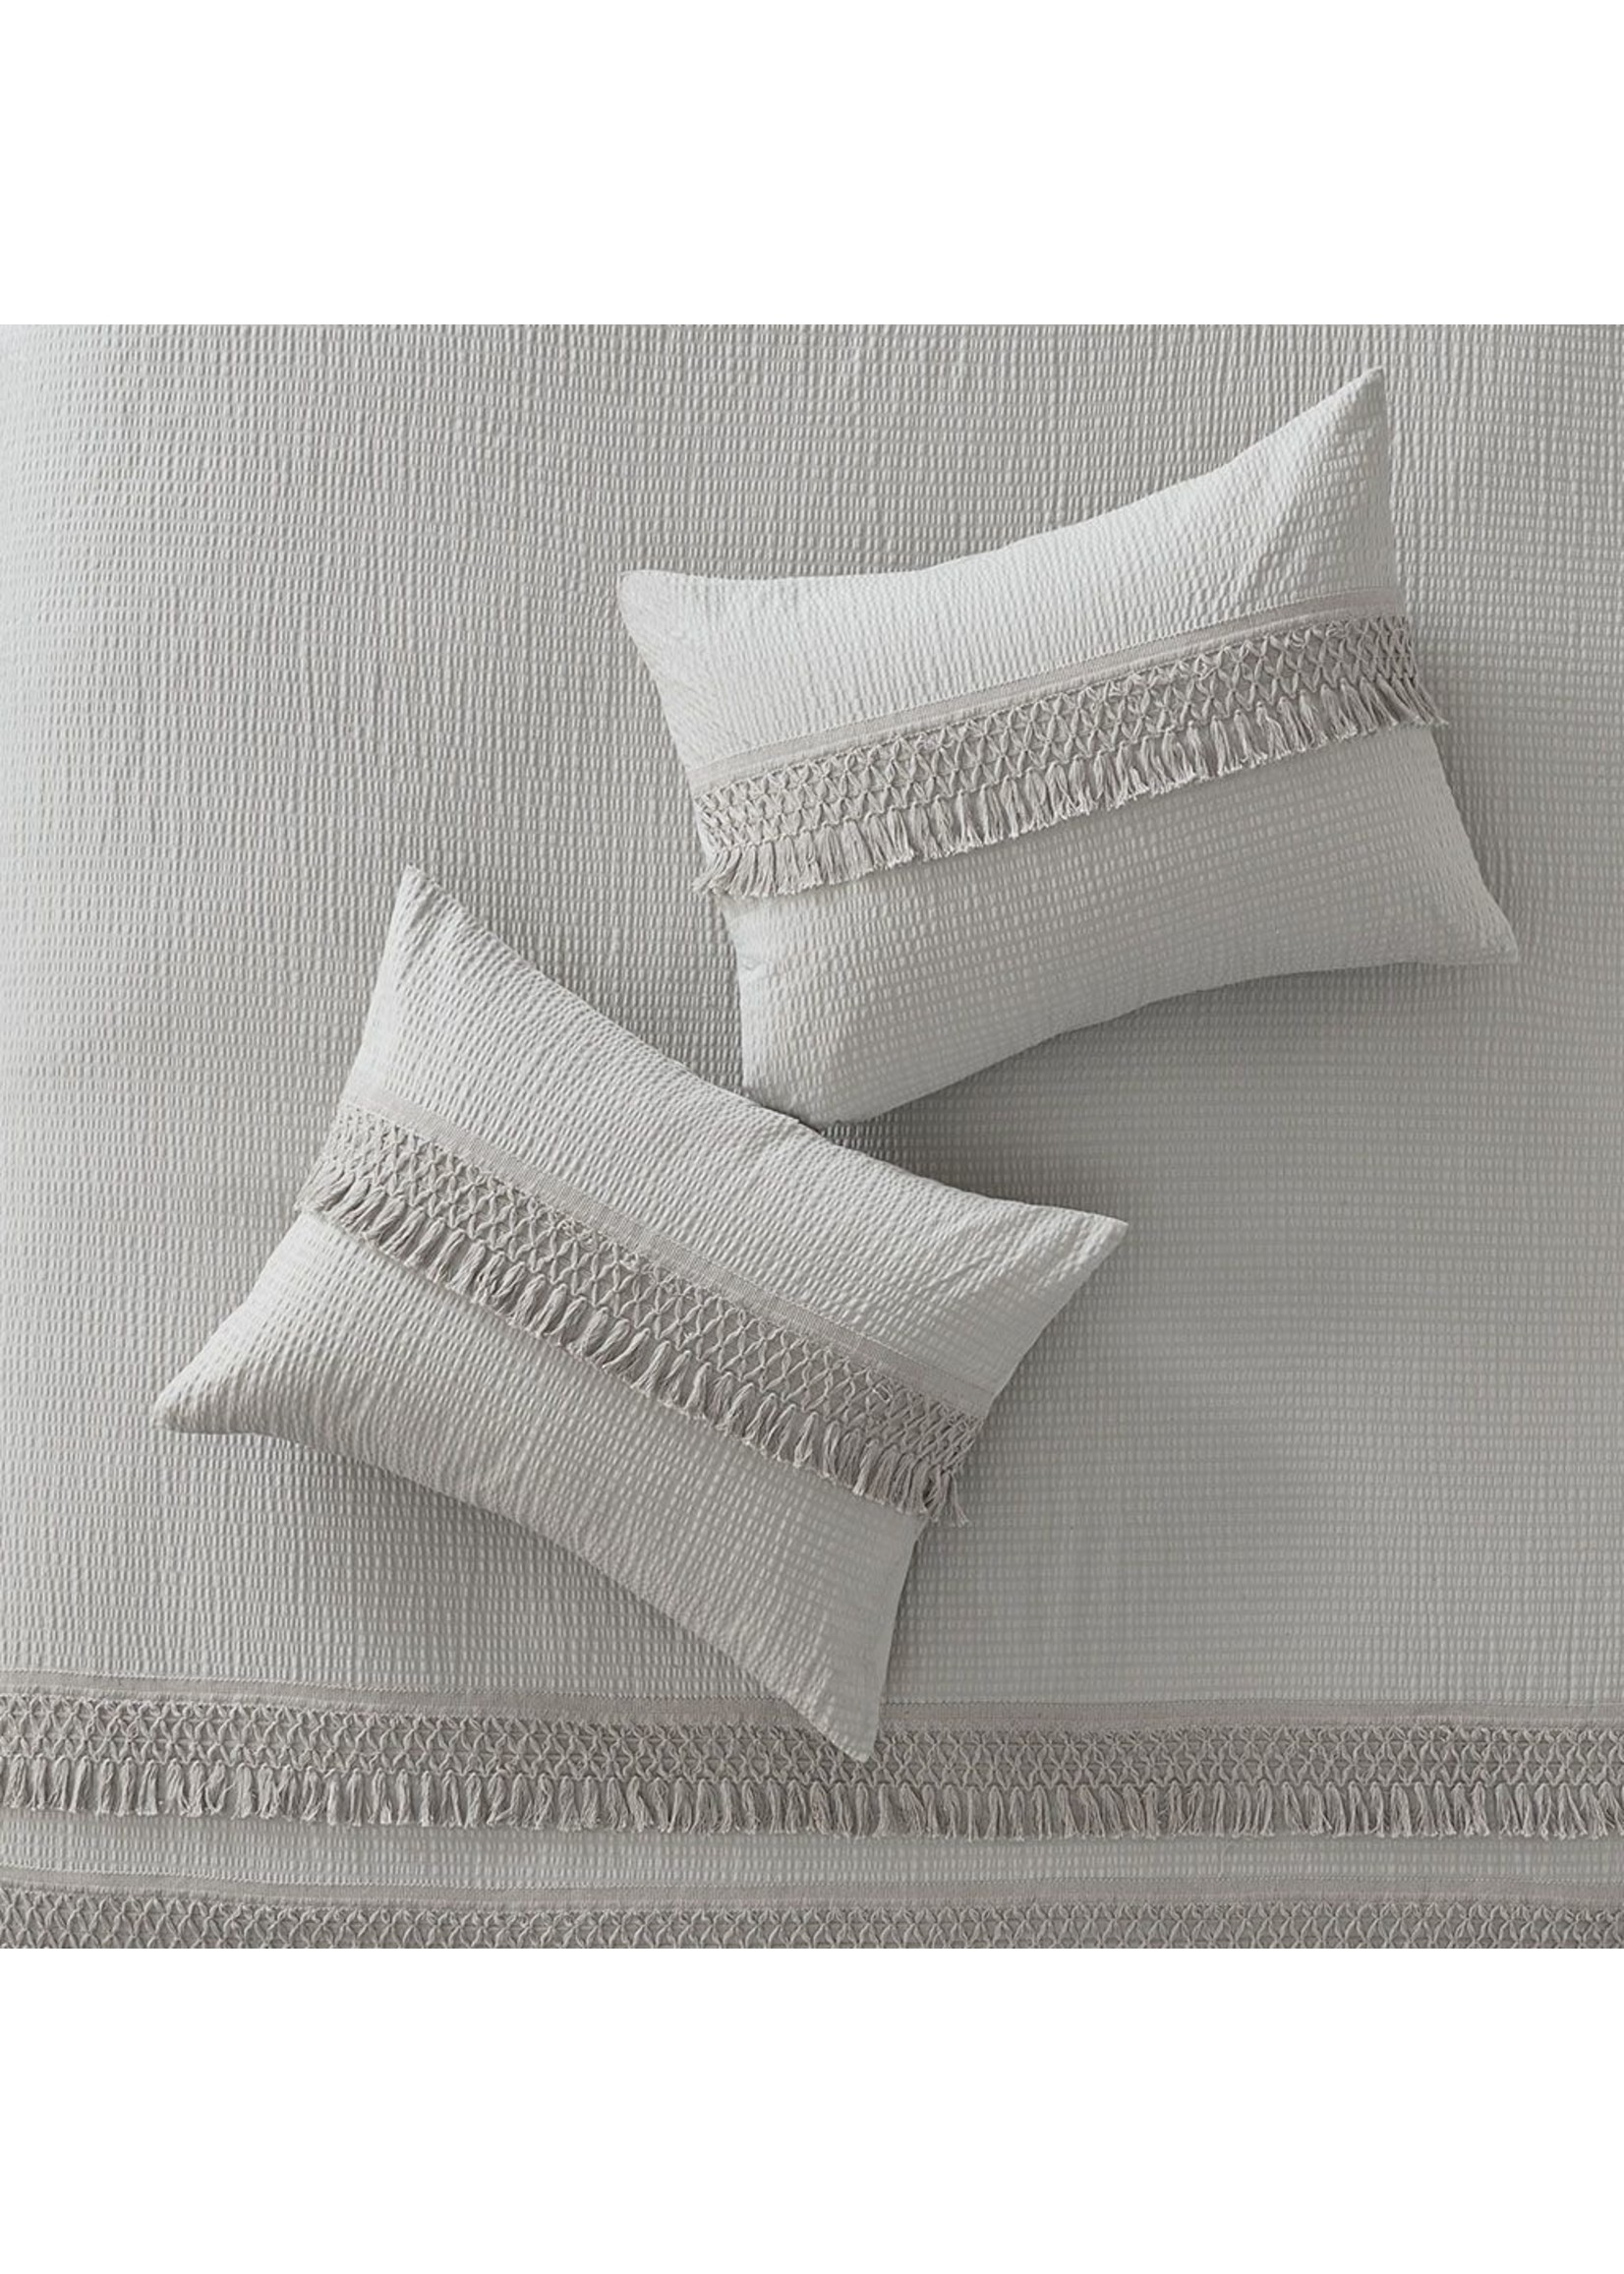 Olliix Grey Amaya 3 Piece Cotton Seersucker Duvet Cover Set - King